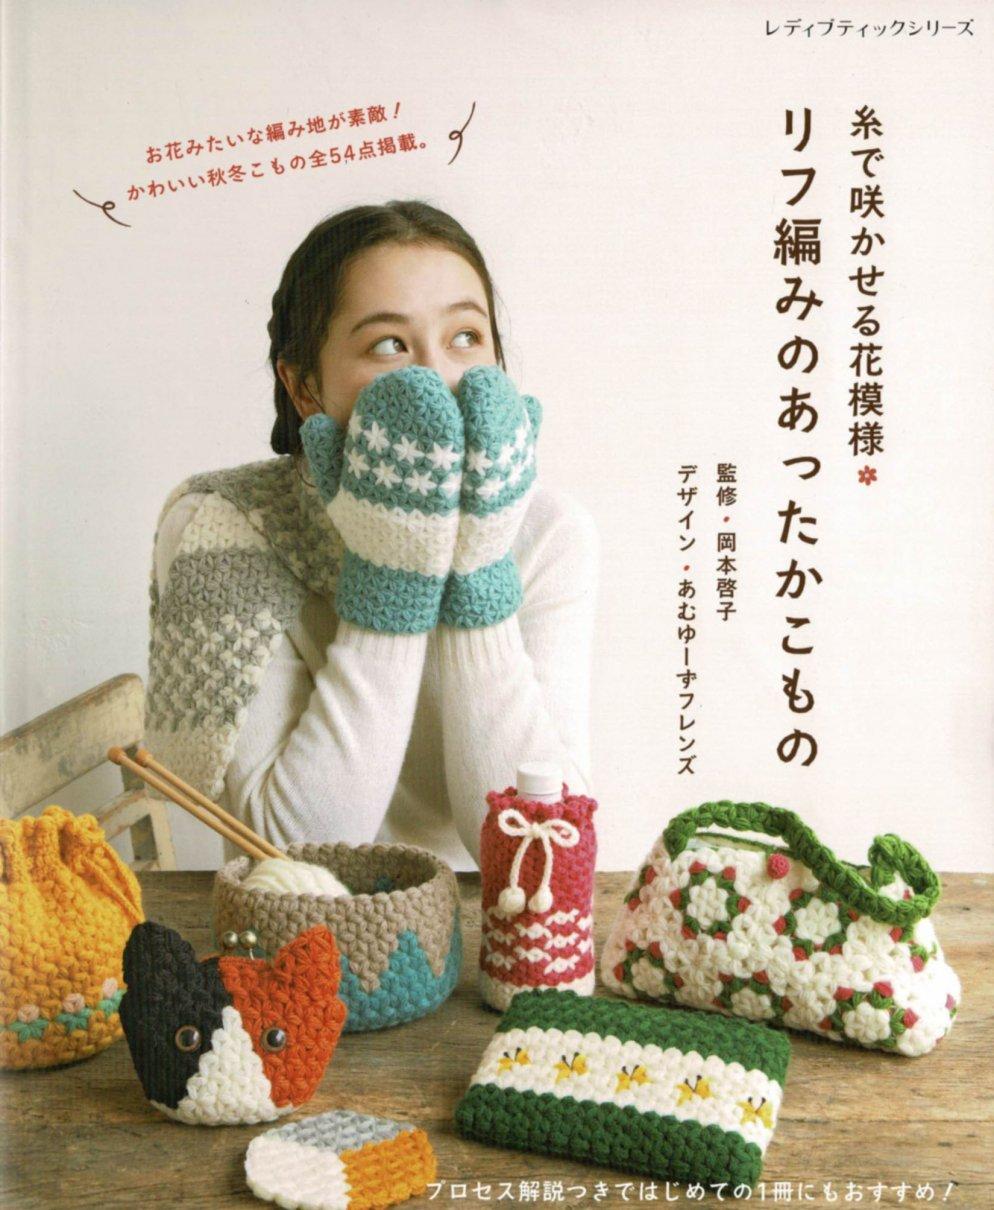 糸で咲かせる花模様 リフ編みのあったかこもの